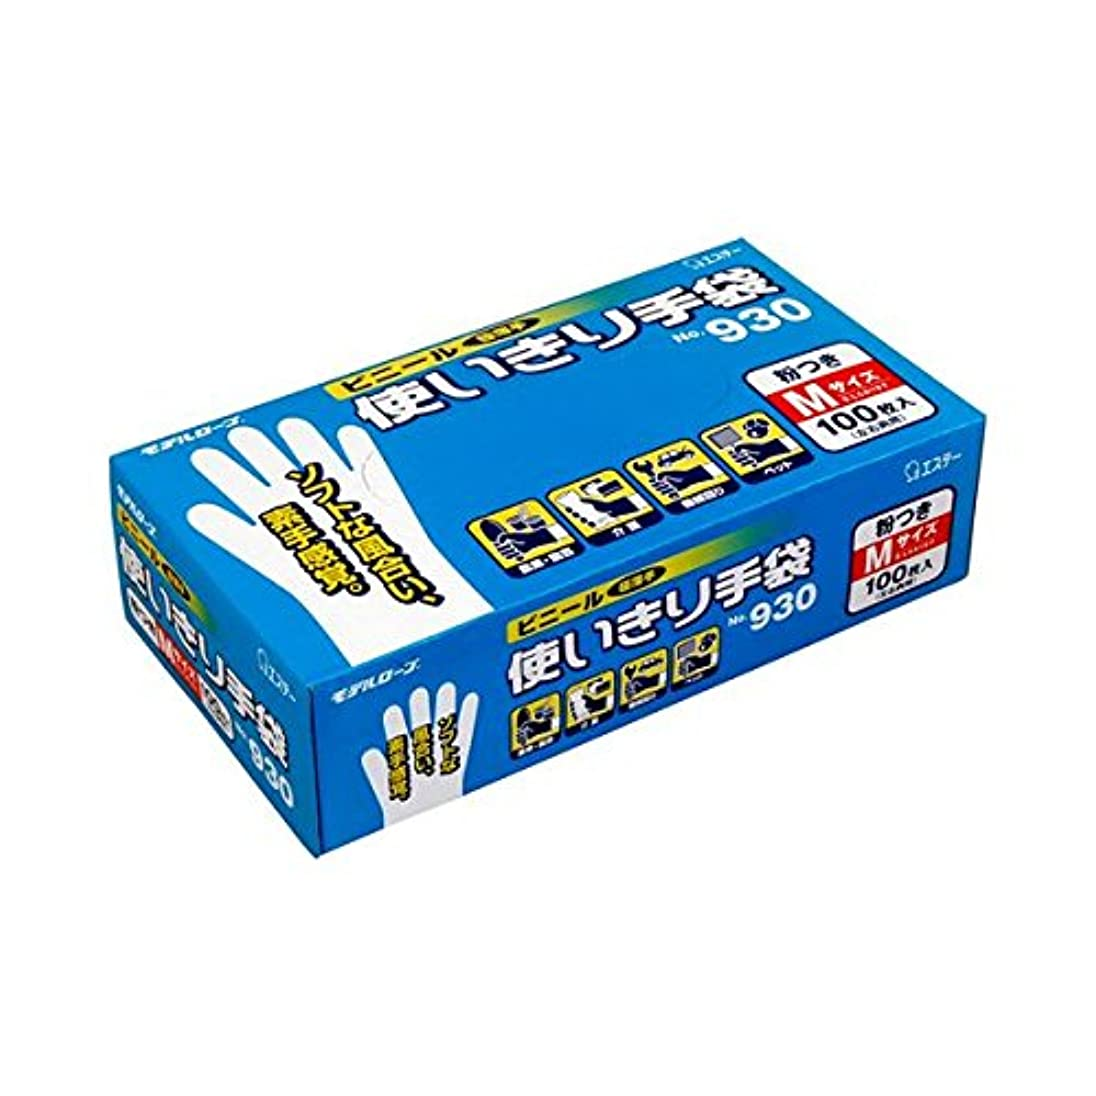 切り離すマウントバンクボルト(まとめ) エステー No.930 ビニール使いきり手袋(粉付) M 1箱(100枚) 【×5セット】 ds-1580597